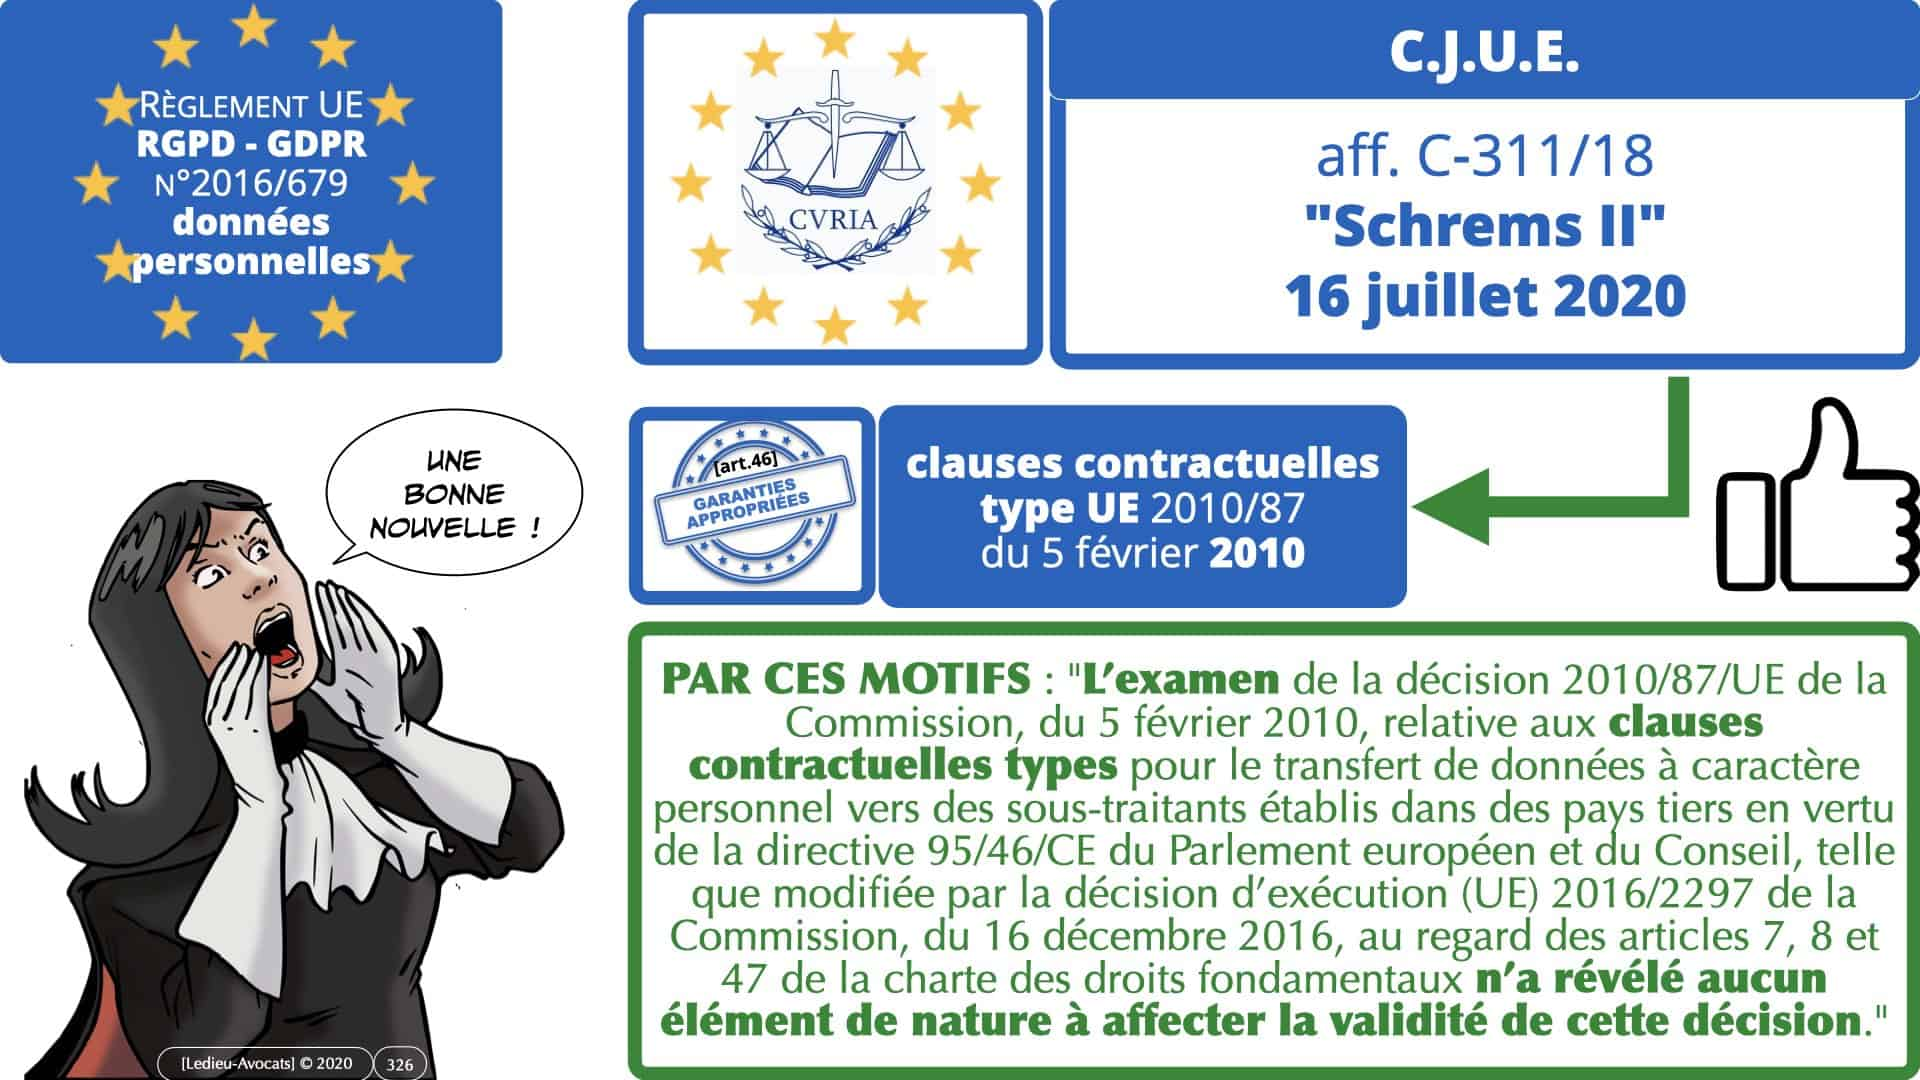 RGPD e-Privacy données personnelles jurisprudence formation Lamy Les Echos 10-02-2021 ©Ledieu-Avocats.326